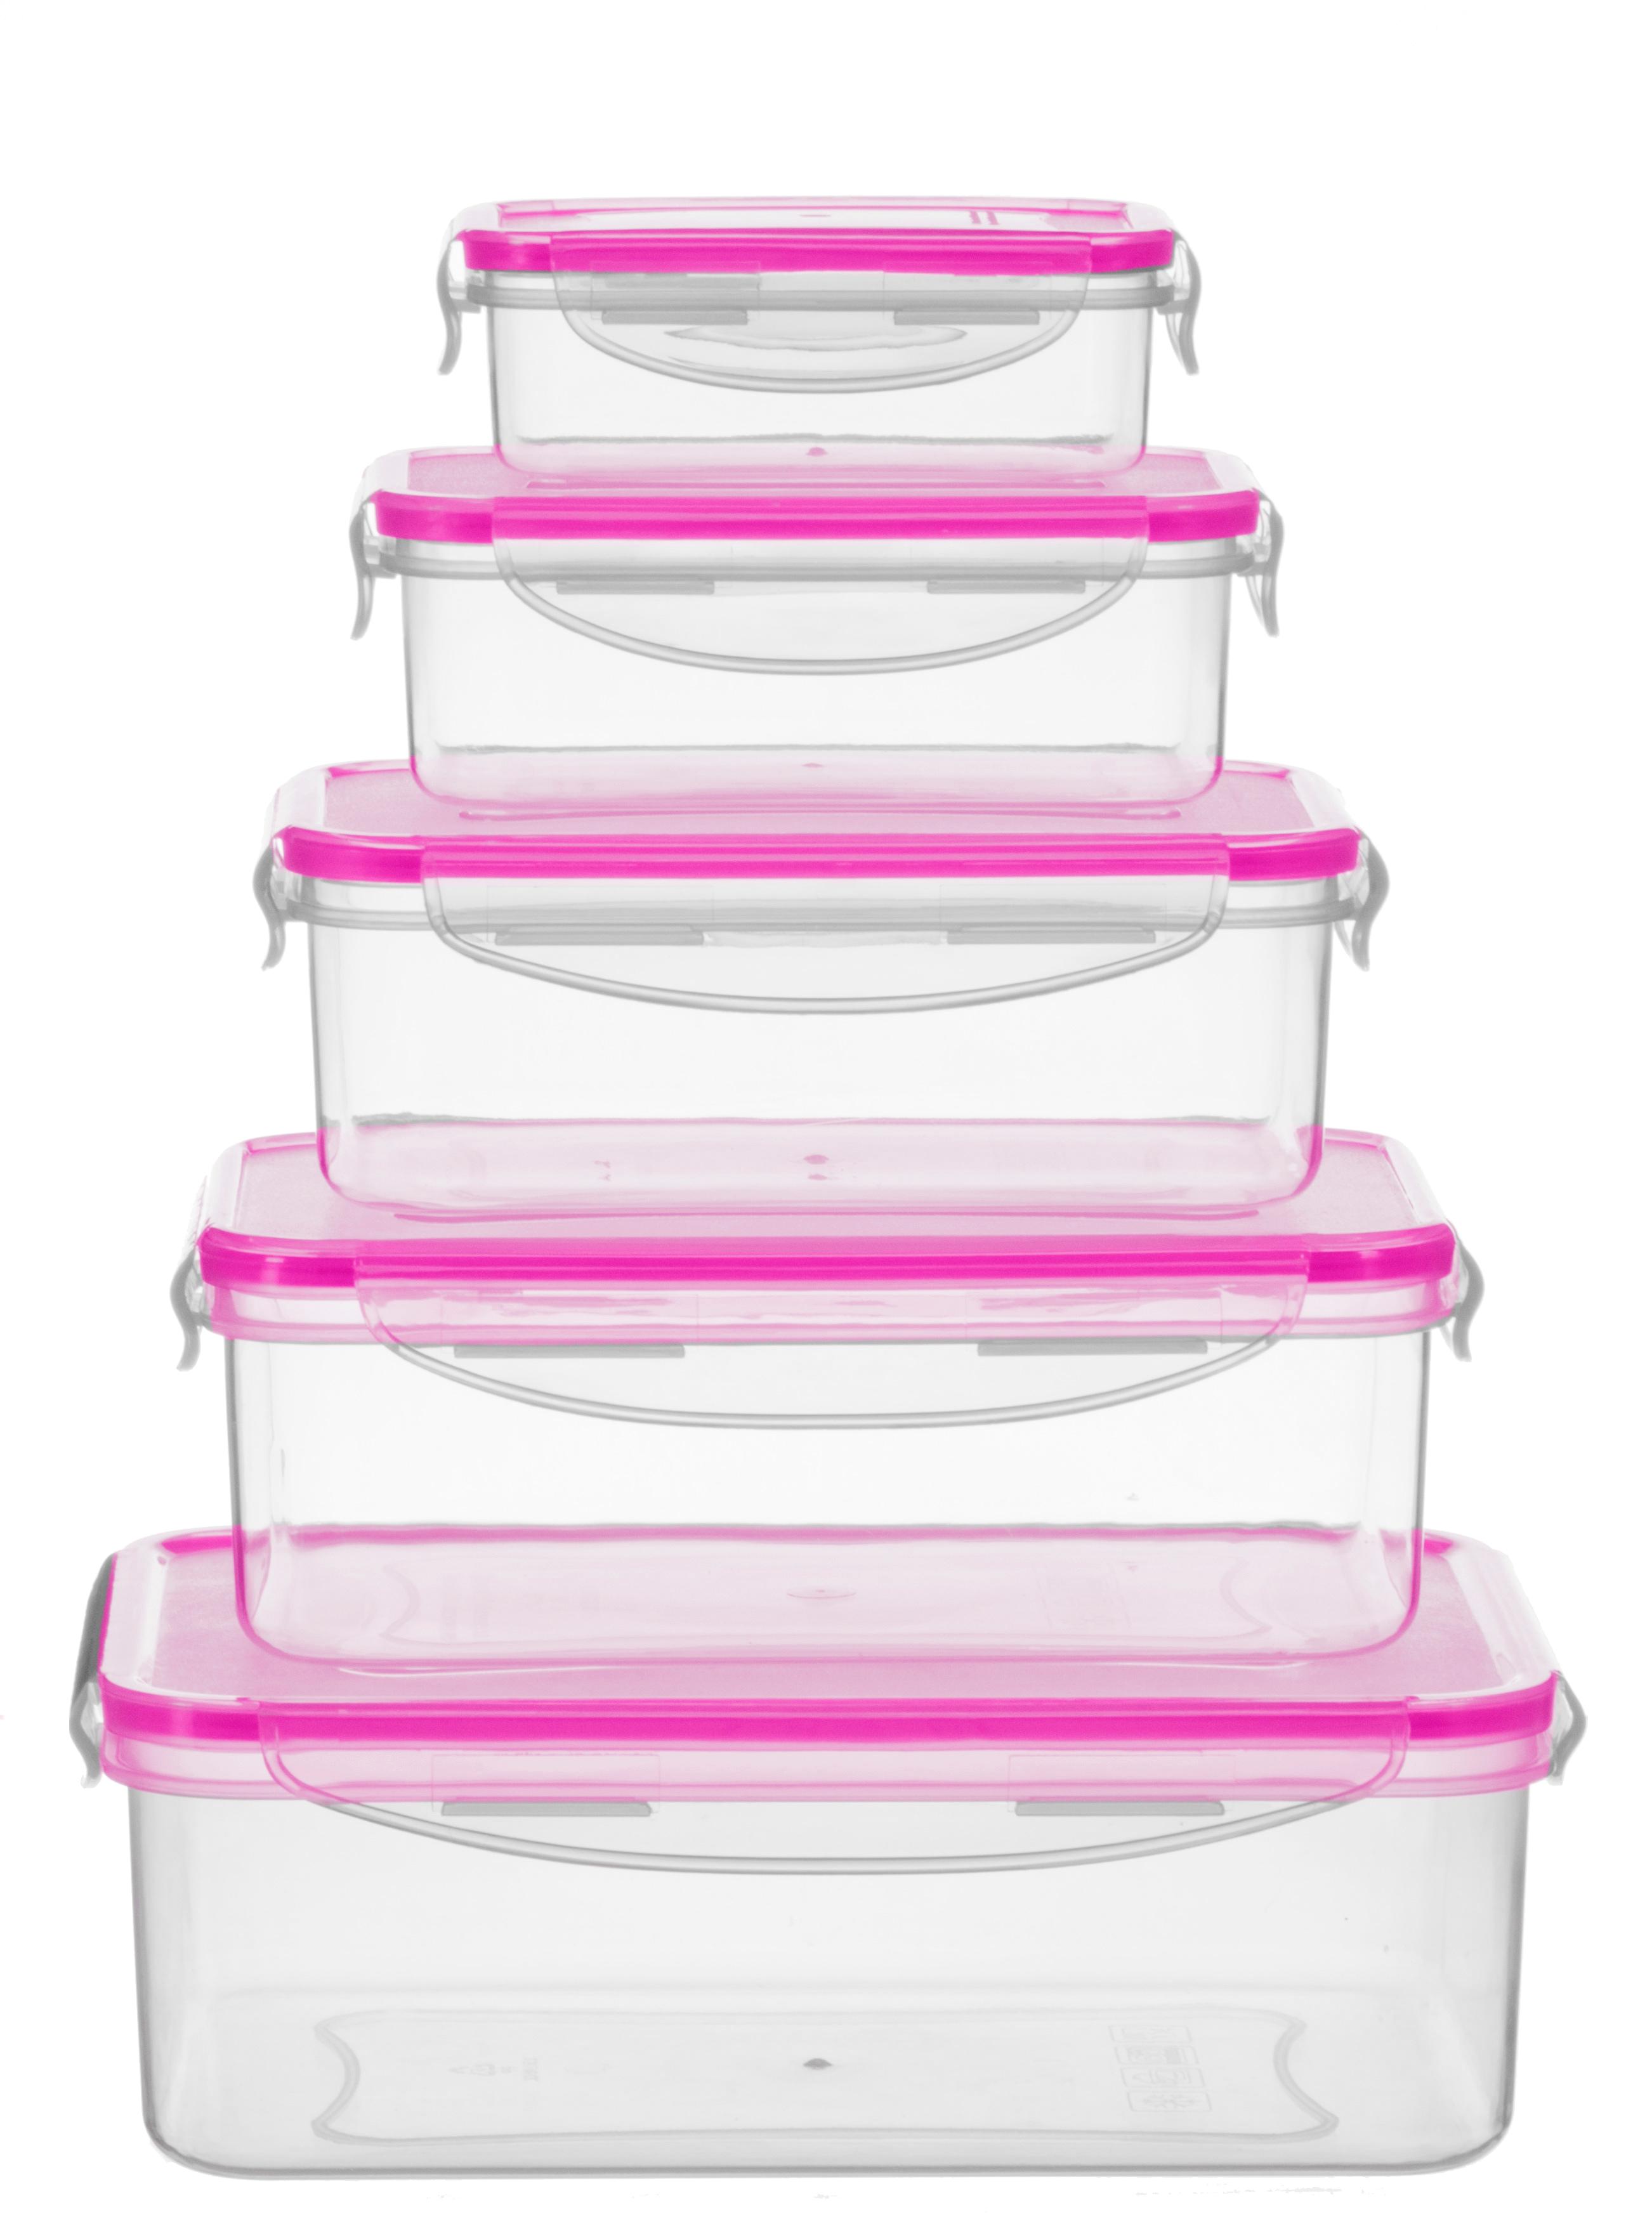 KING Aufbewahrungsbox BERRY, (Set, 10 tlg.), luftdichtem Klappverschluss, ineinander stapelbar farblos Aufbewahrung Küchenhelfer Haushaltswaren